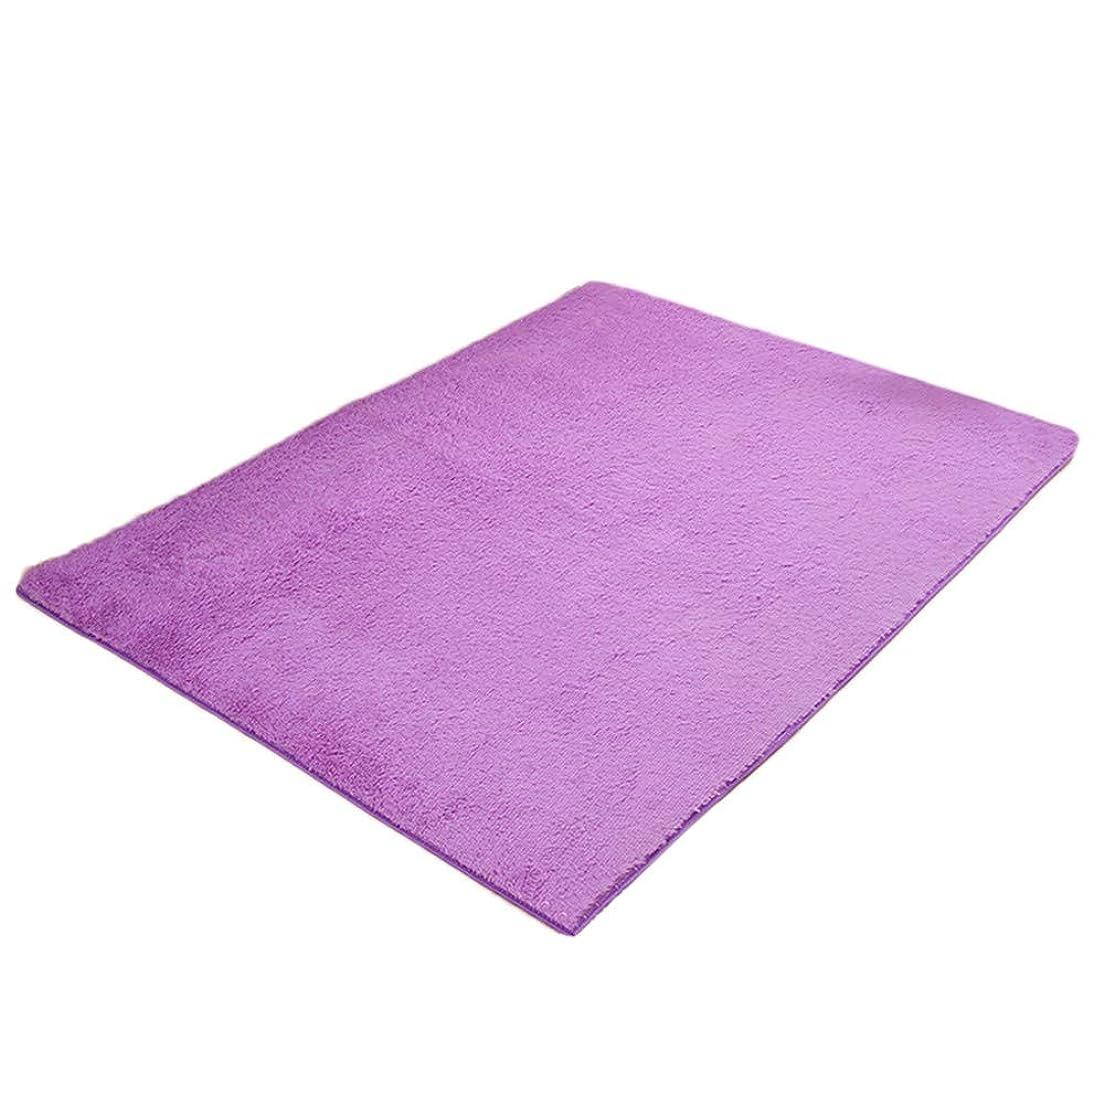 些細な痛いオーバーヘッドDream ラグ カーペット 洗える ラグマット シャギーラグ 絨毯 北欧シャギー 夏 冷房対策 滑り止め付き ふわふわ サラサラ 60cm×160cm (パープル)